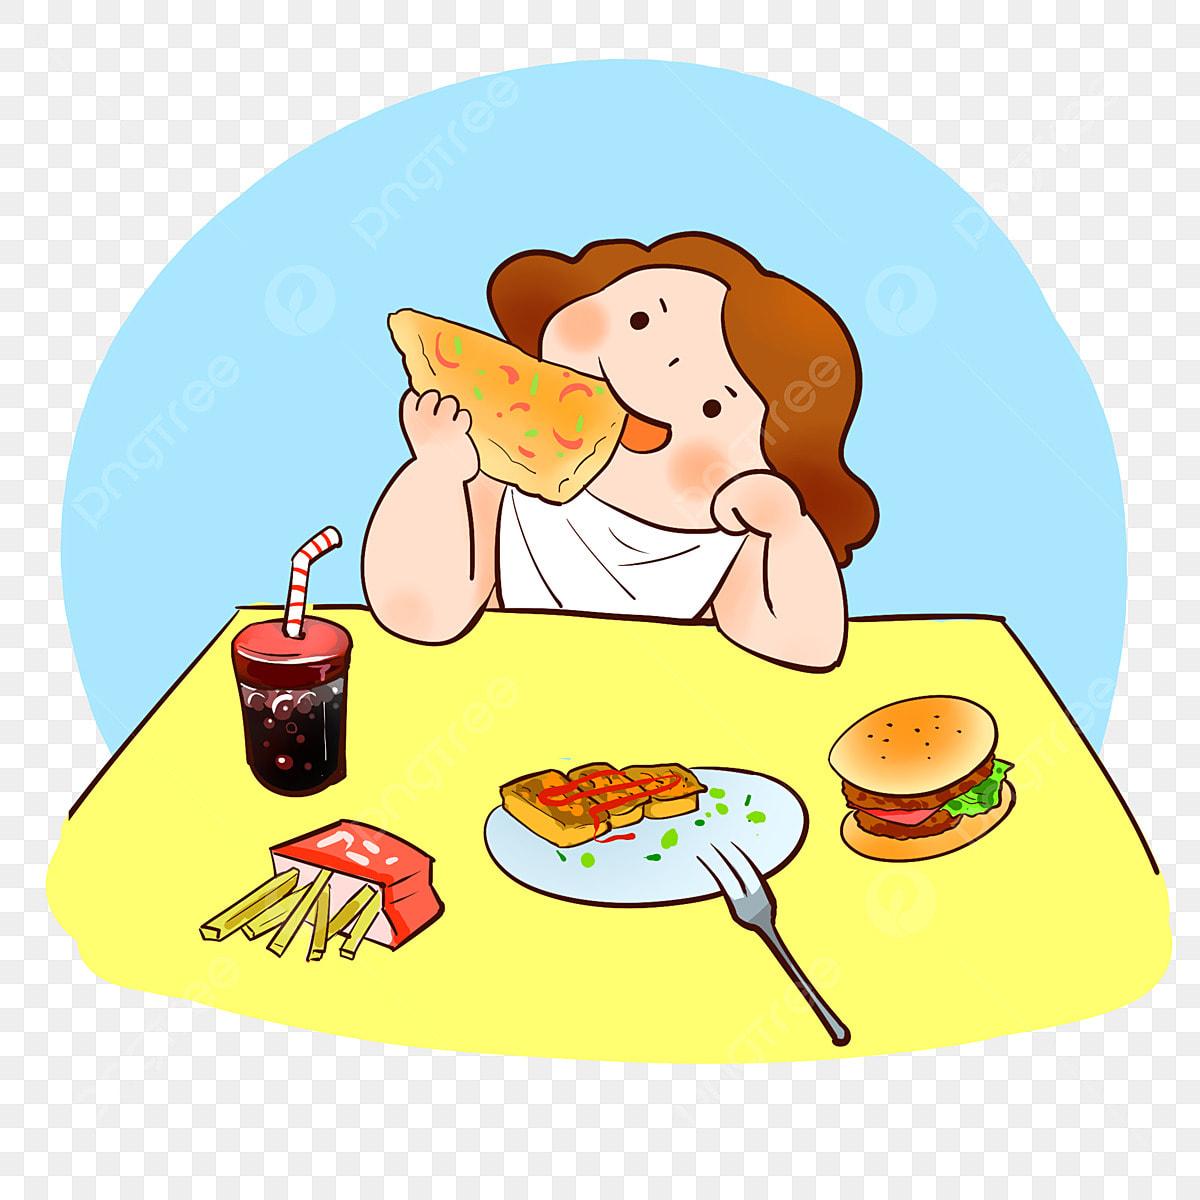 Desain Spanduk: Gambar Elemen Desain Makanan Kartun Lucu Untuk Makan Gadis